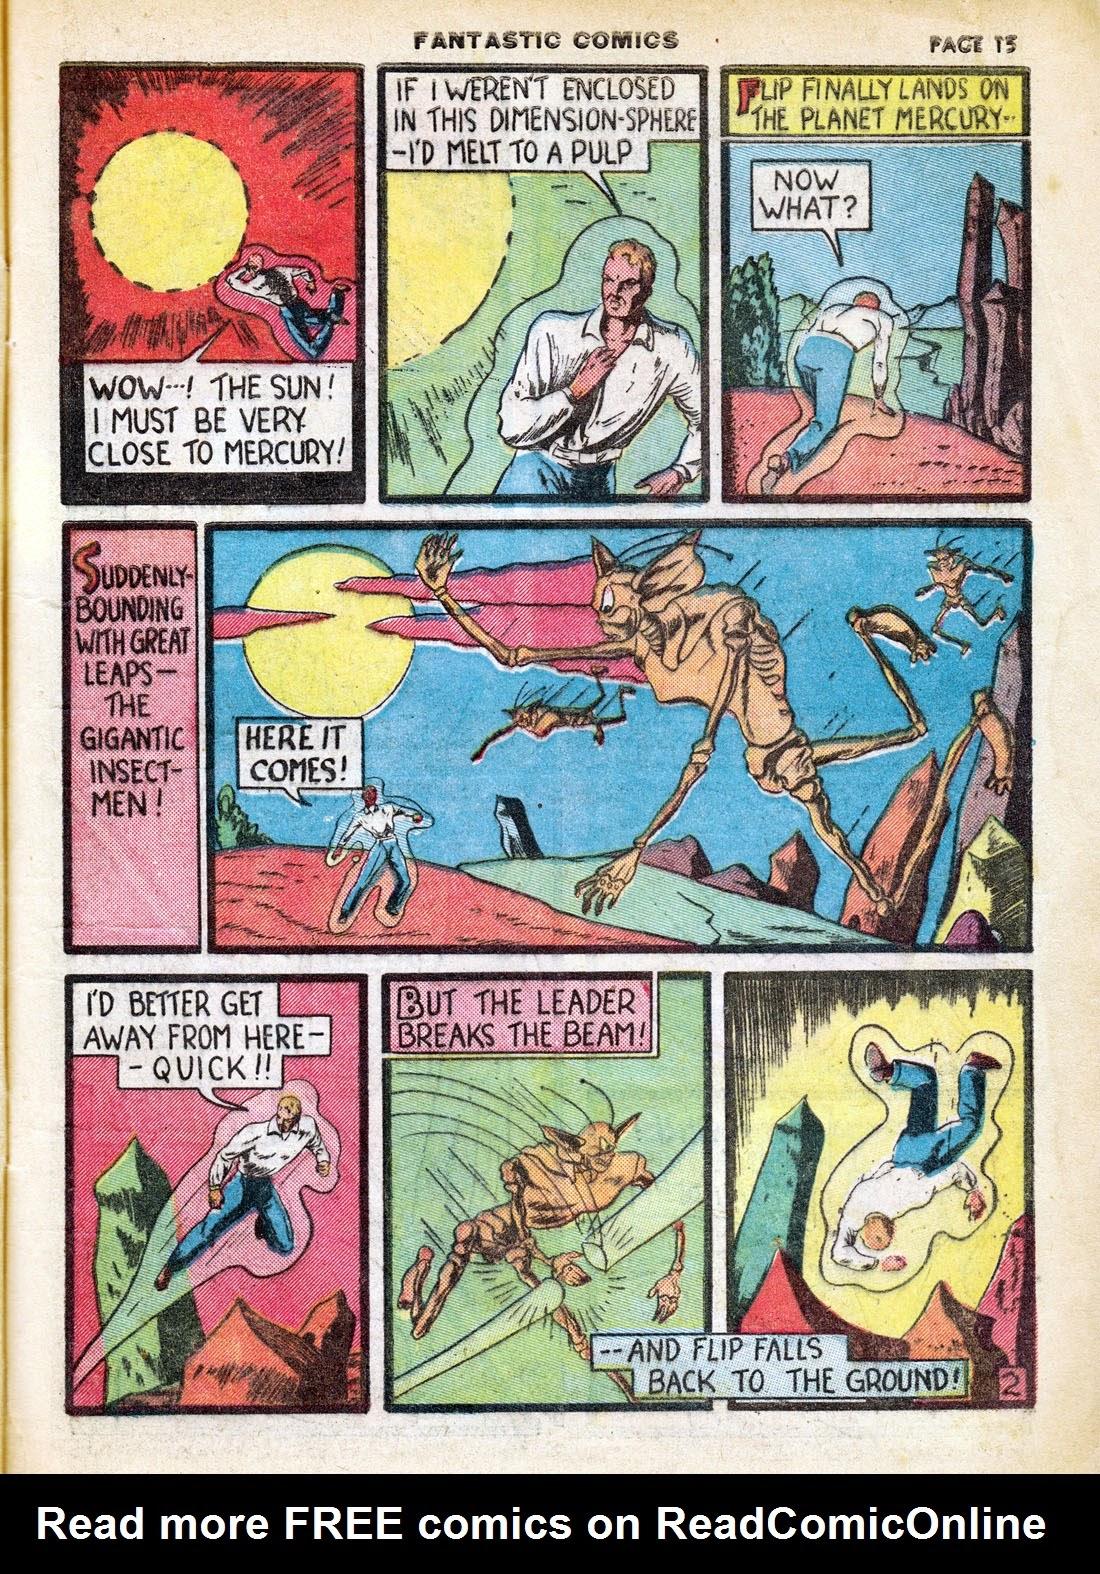 Read online Fantastic Comics comic -  Issue #7 - 17